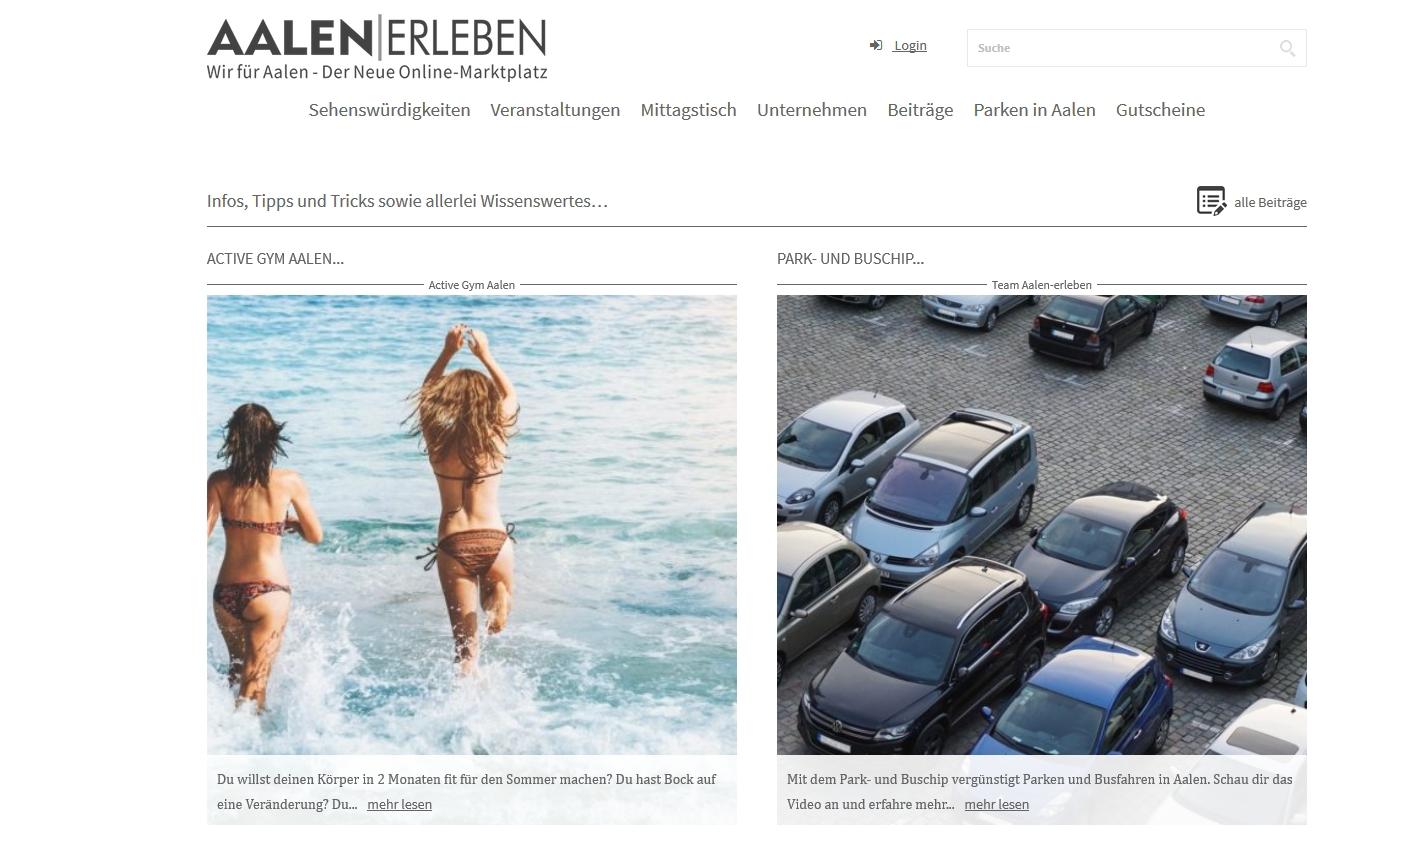 Aalen-erleben.de